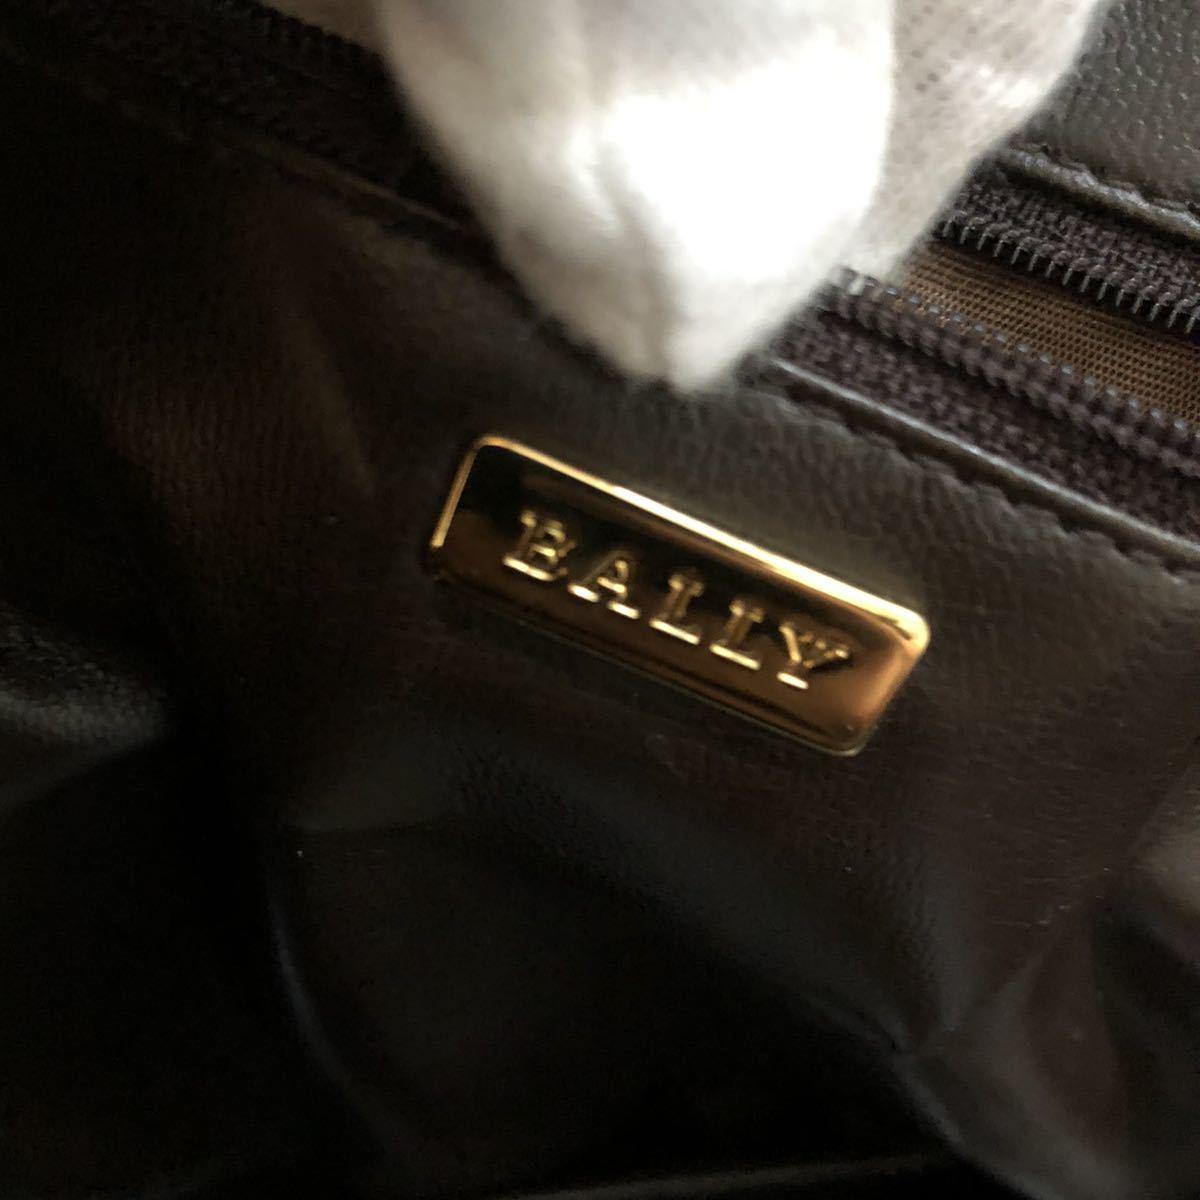 〈送料無料!値下げ対応!〉セール! Bally バリー バッグ トートバッグ ハンドバッグ ショルダーバッグ レディース ブランド 正規品